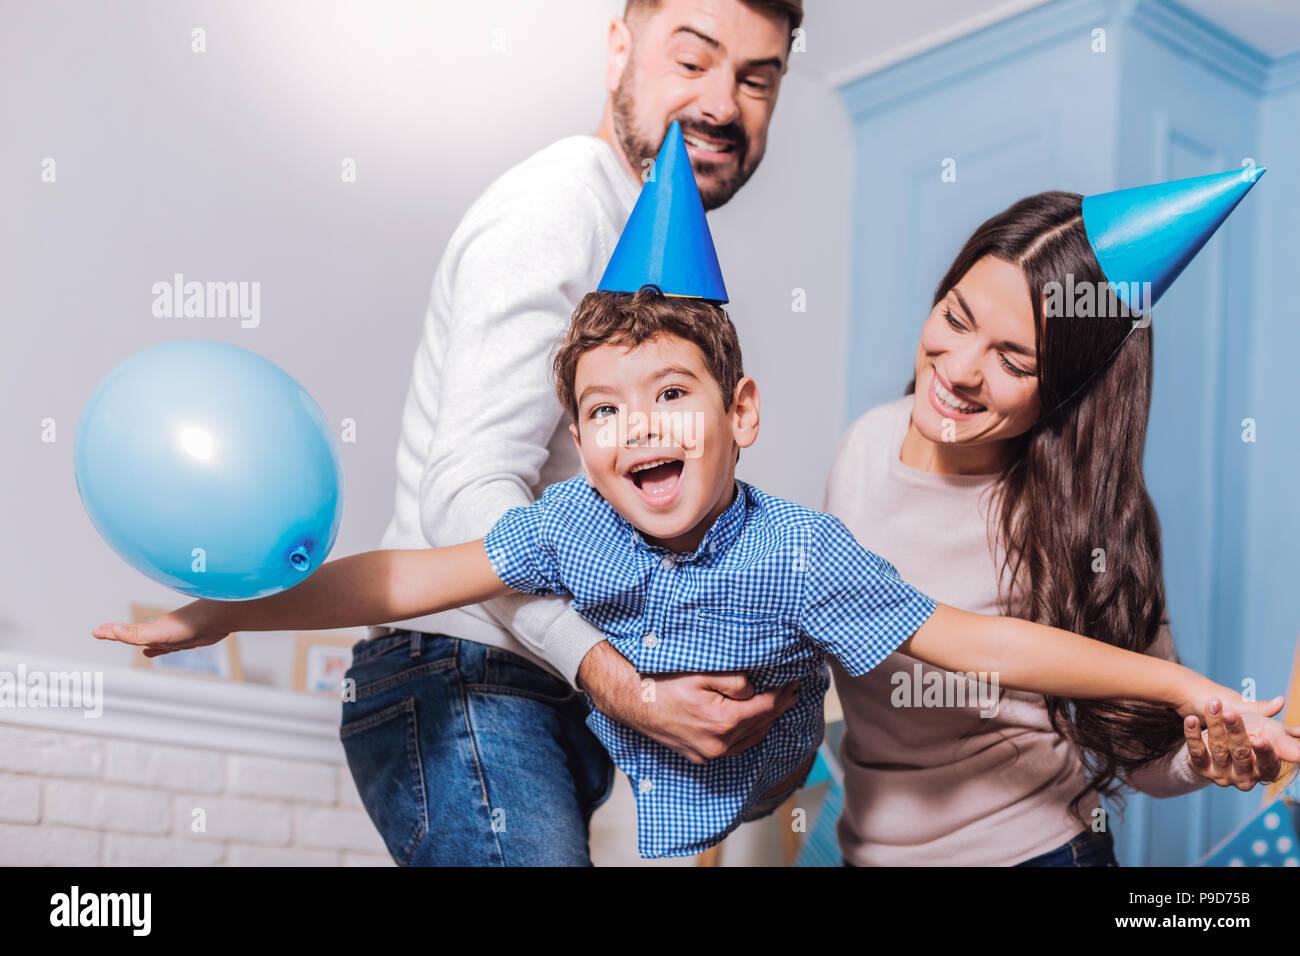 Tener familia feliz fiesta de cumpleaños Imagen De Stock